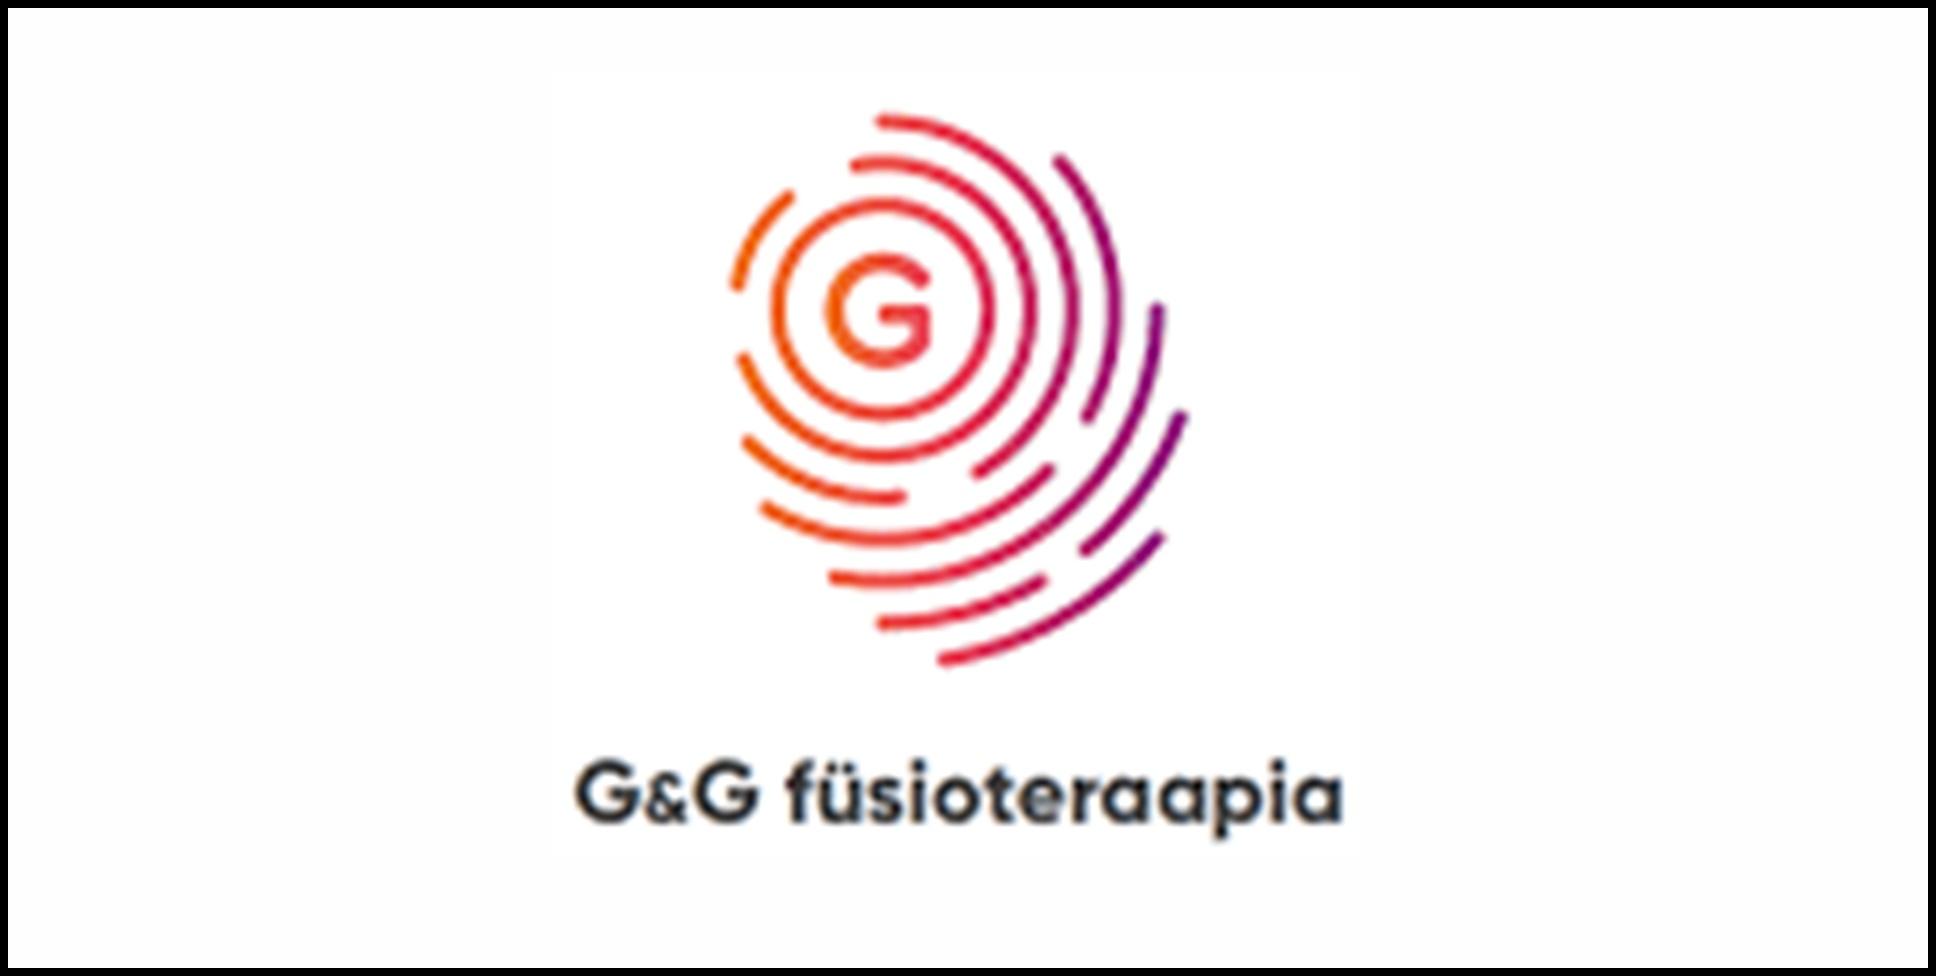 G&G Füsioteraapa